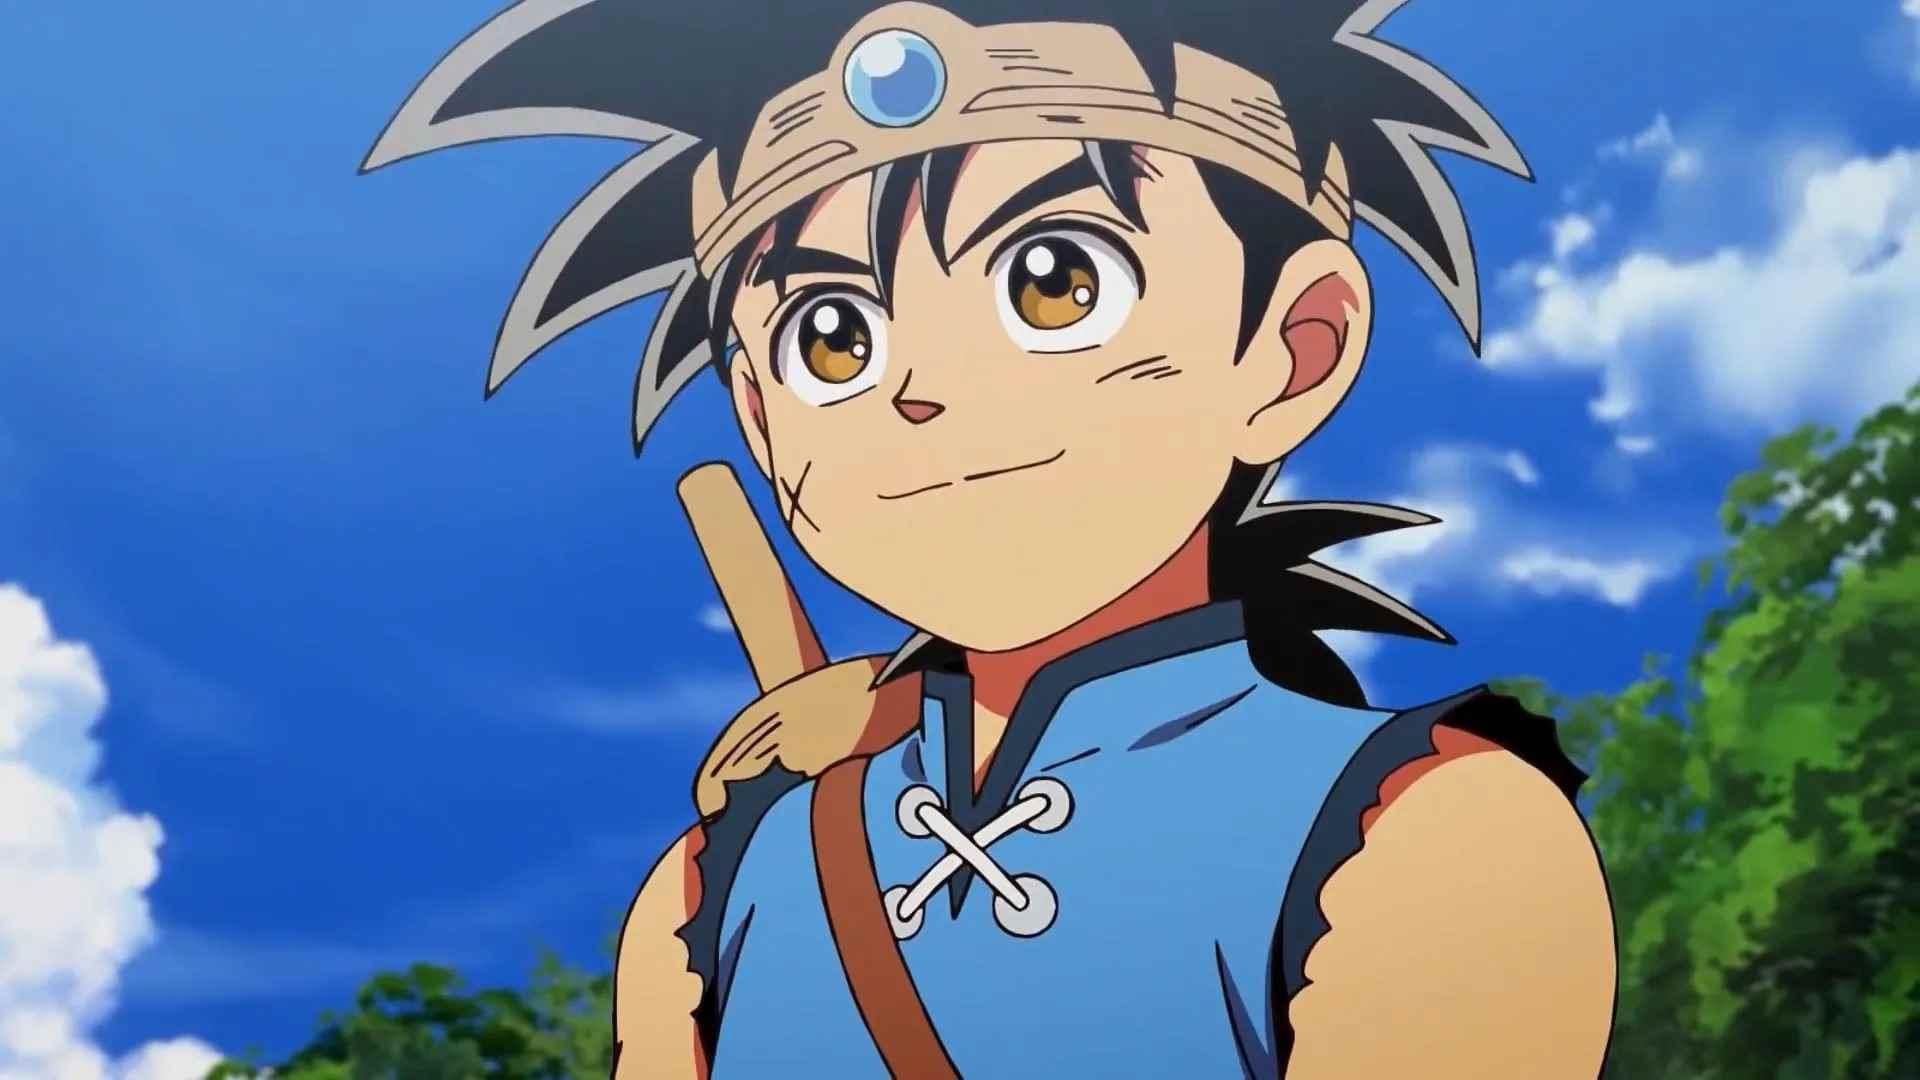 Картинка из аниме Квест дракона, Приключения Дая (4)